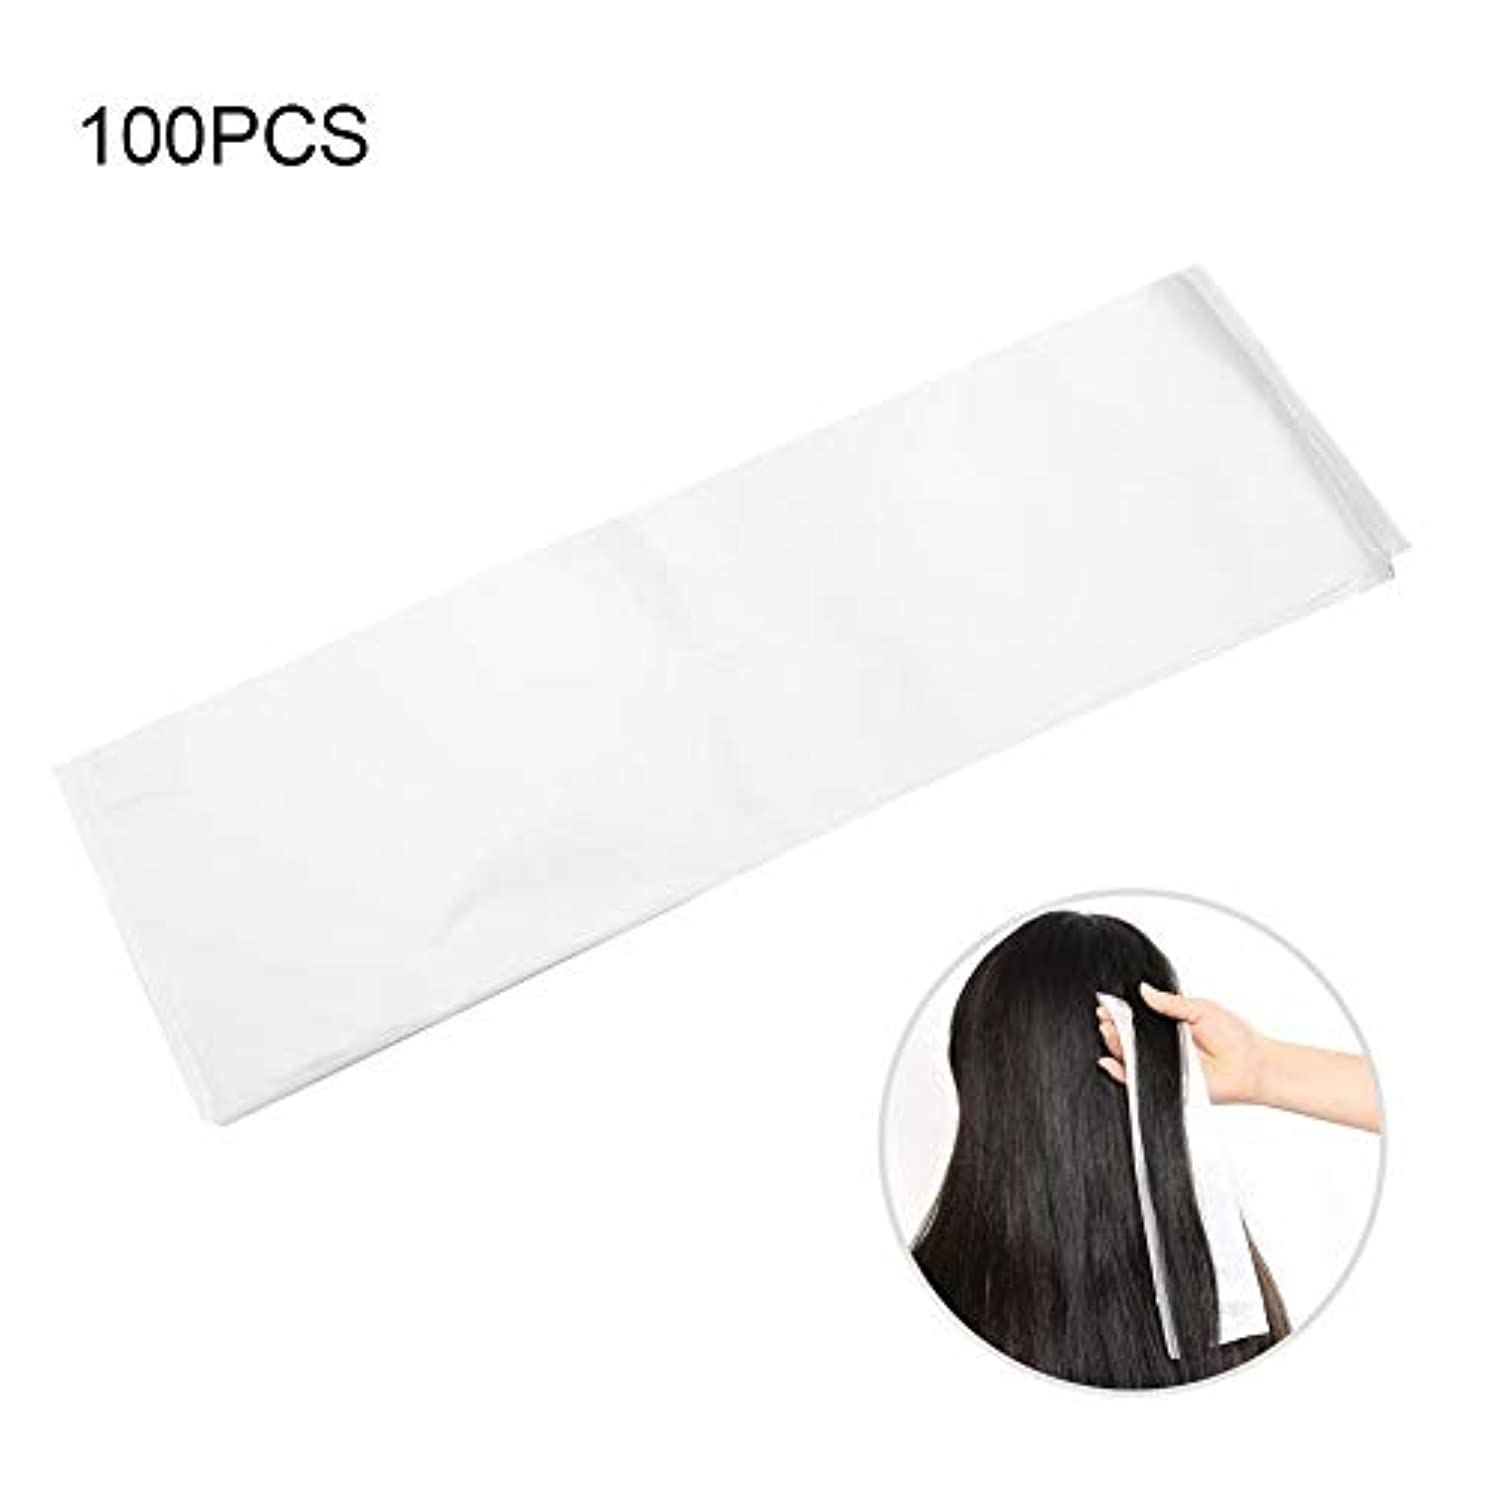 メロディーとティーム運命的なSemme染毛紙ヘアカラーリング紙、染色分離シート100ピース/パックプロフェッショナルサロン染毛紙再生利用可能染色カラーハイライトペーパー